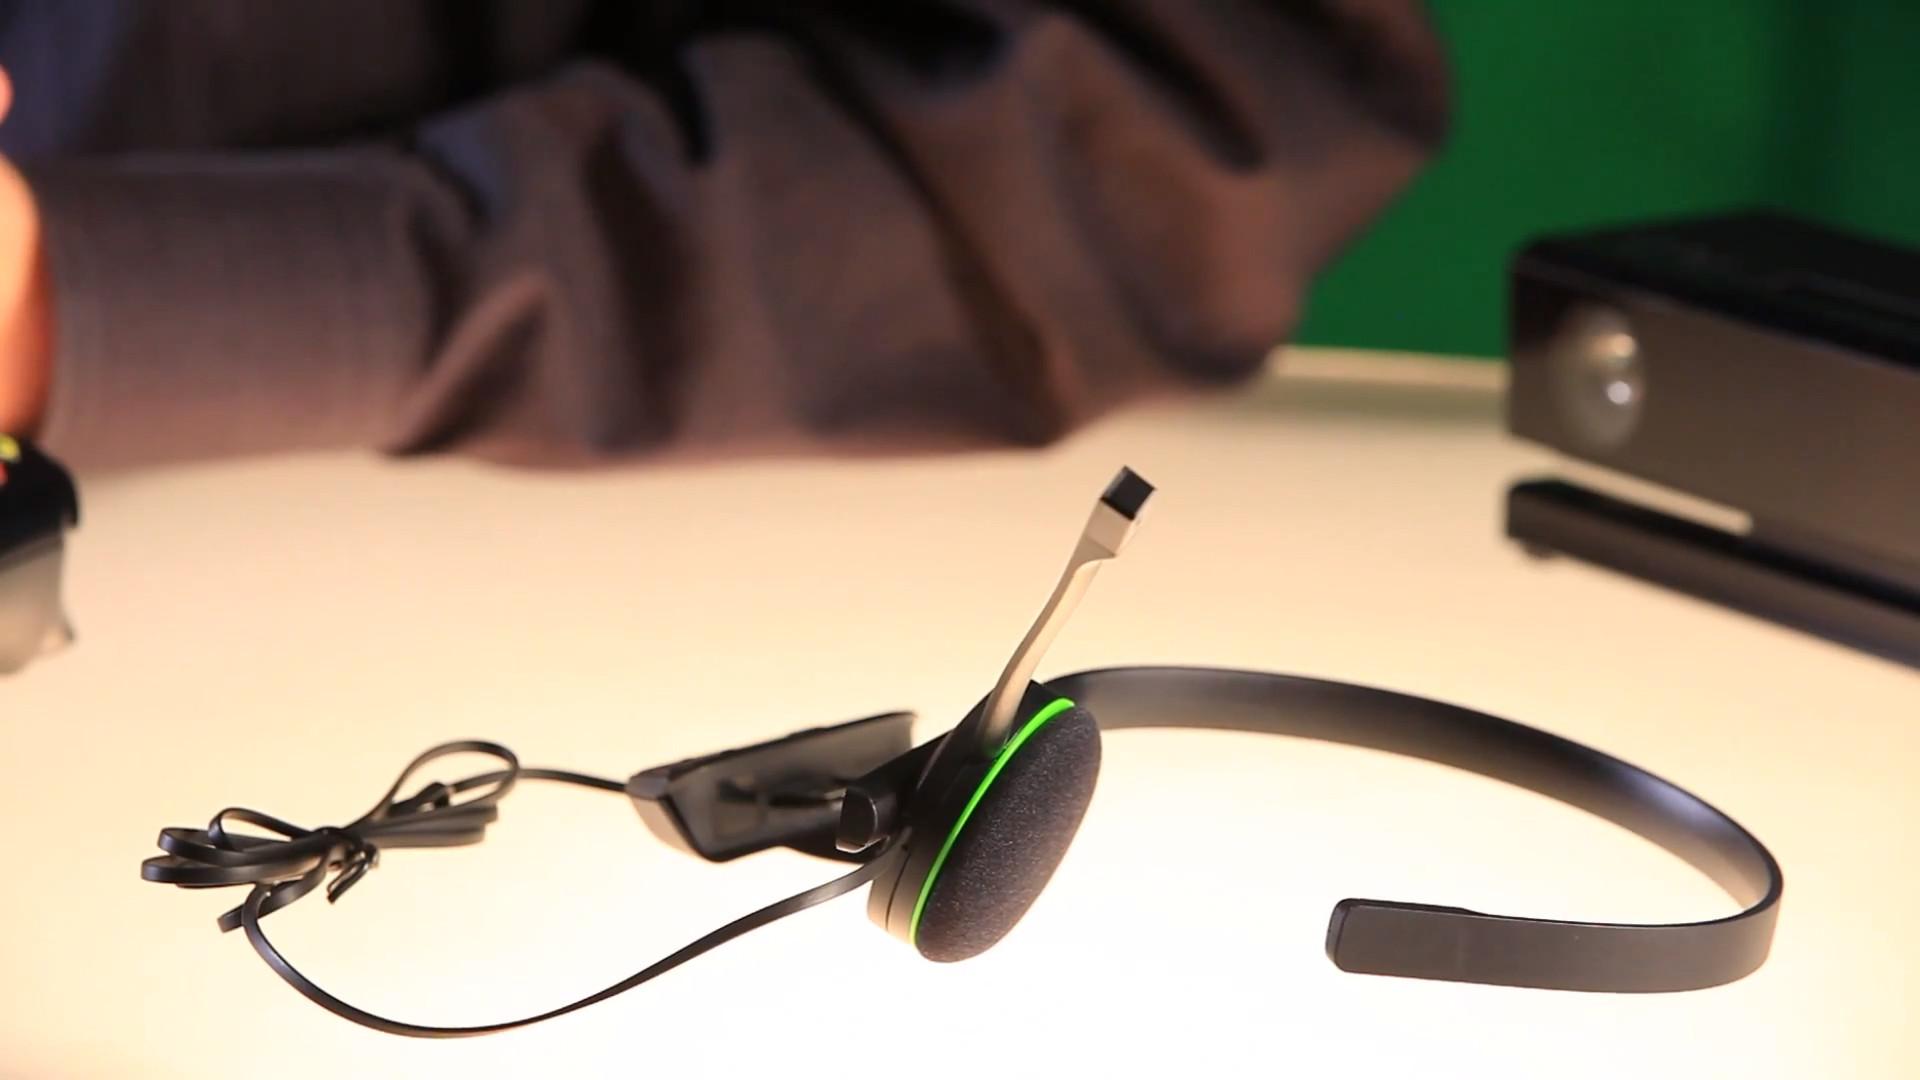 xboxone_headset